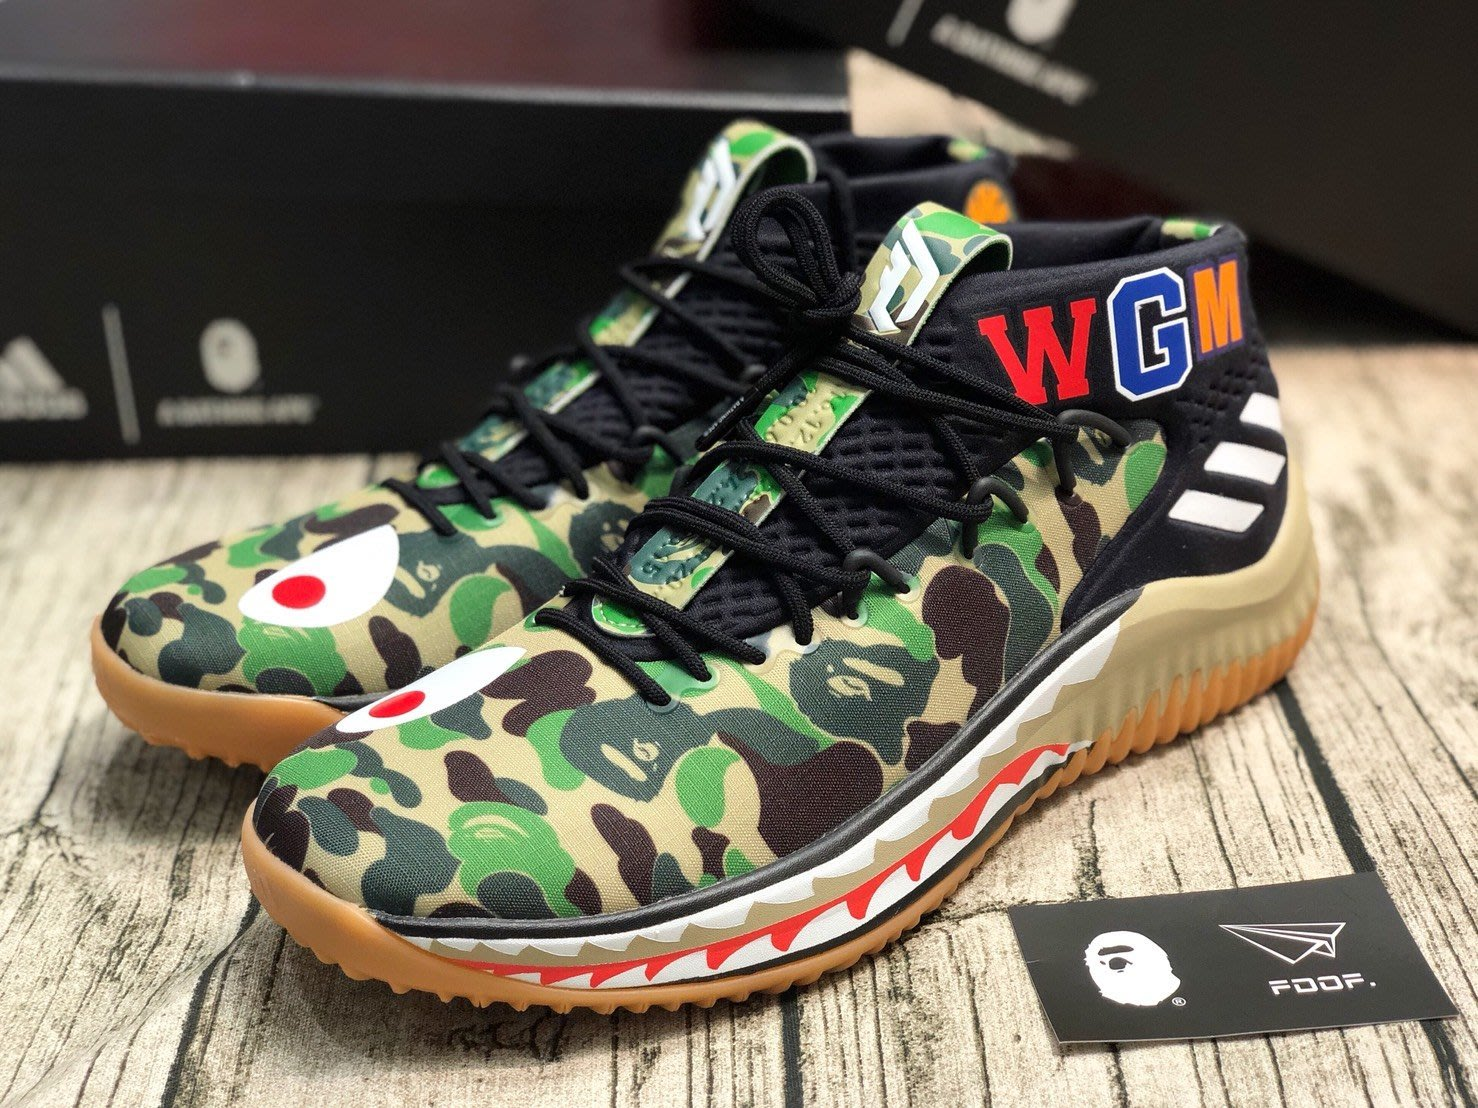 [FDOF] 預購 BAPE x adidas Dame 4 綠迷彩 鯊魚 籃球鞋 美國公司貨/歐洲公司貨